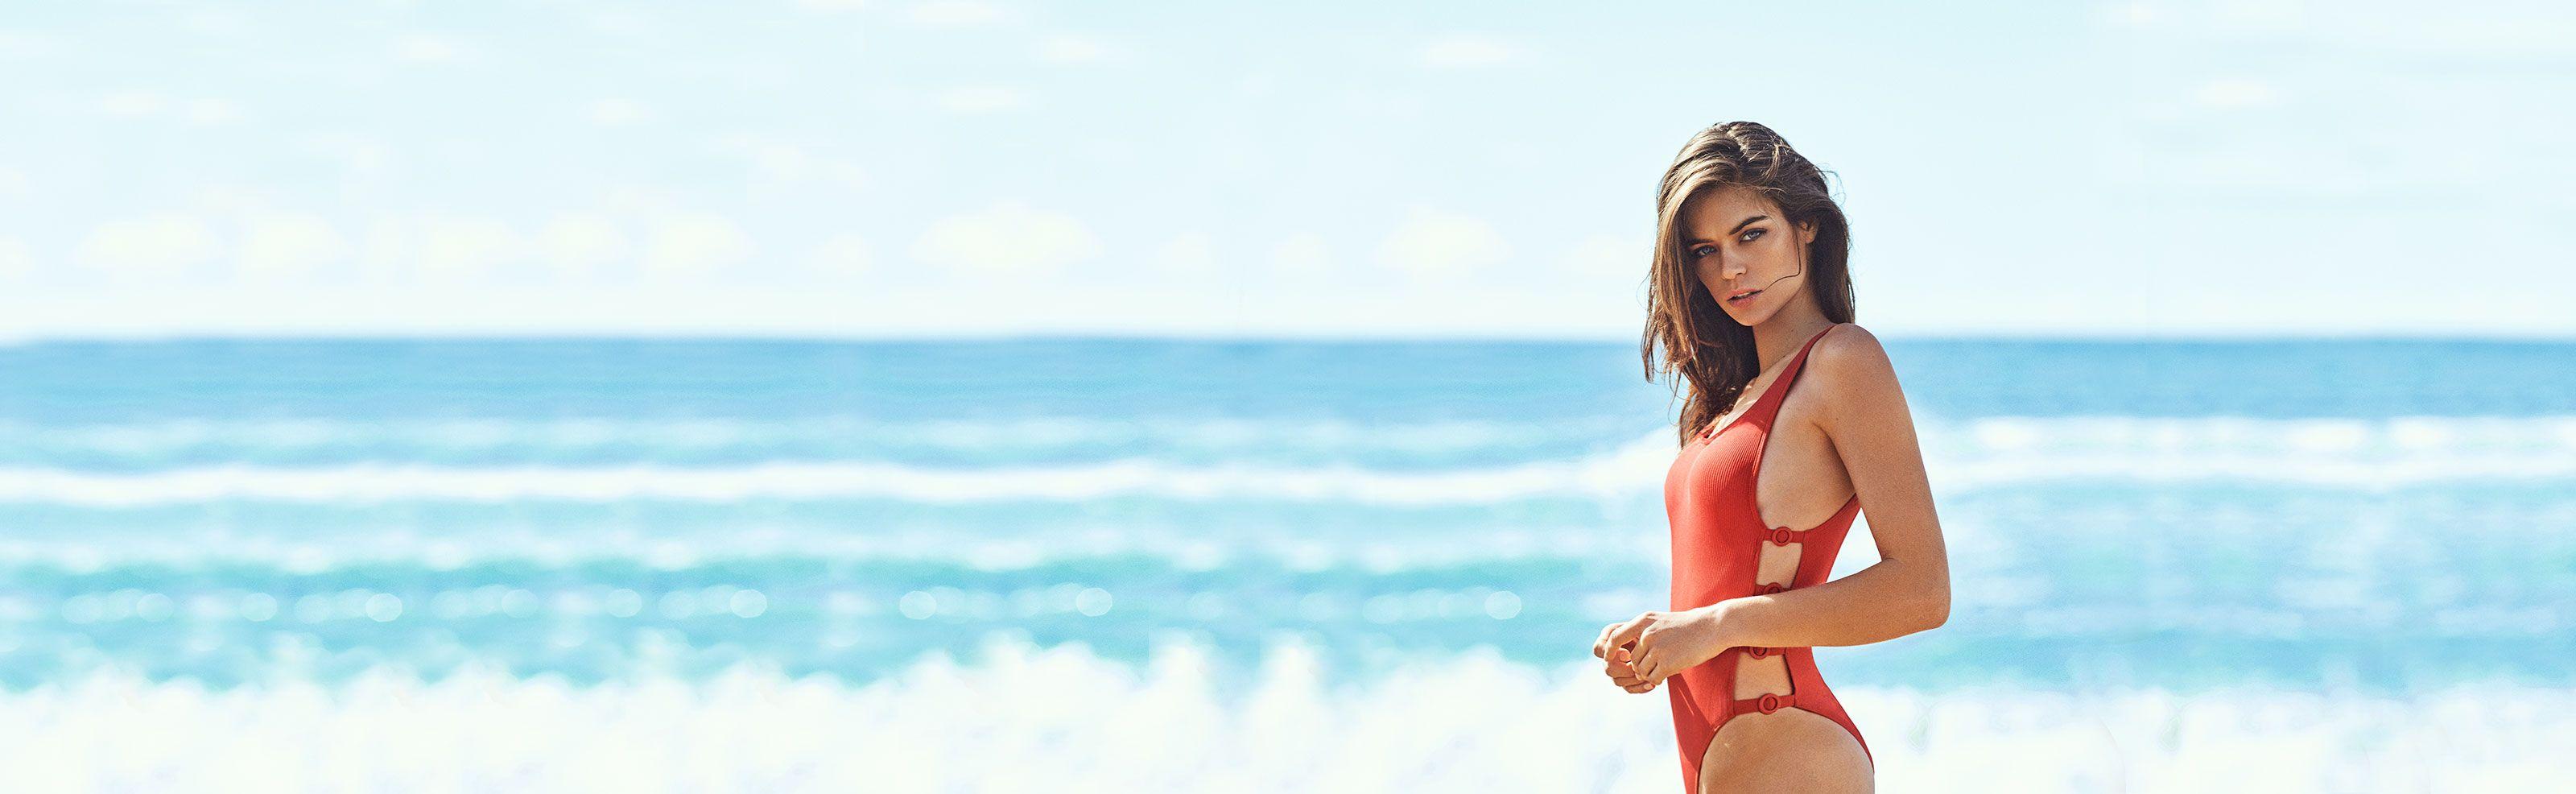 Tendencias La Beachwear De Moda Colección Oysho Las Baño SMqUVzp